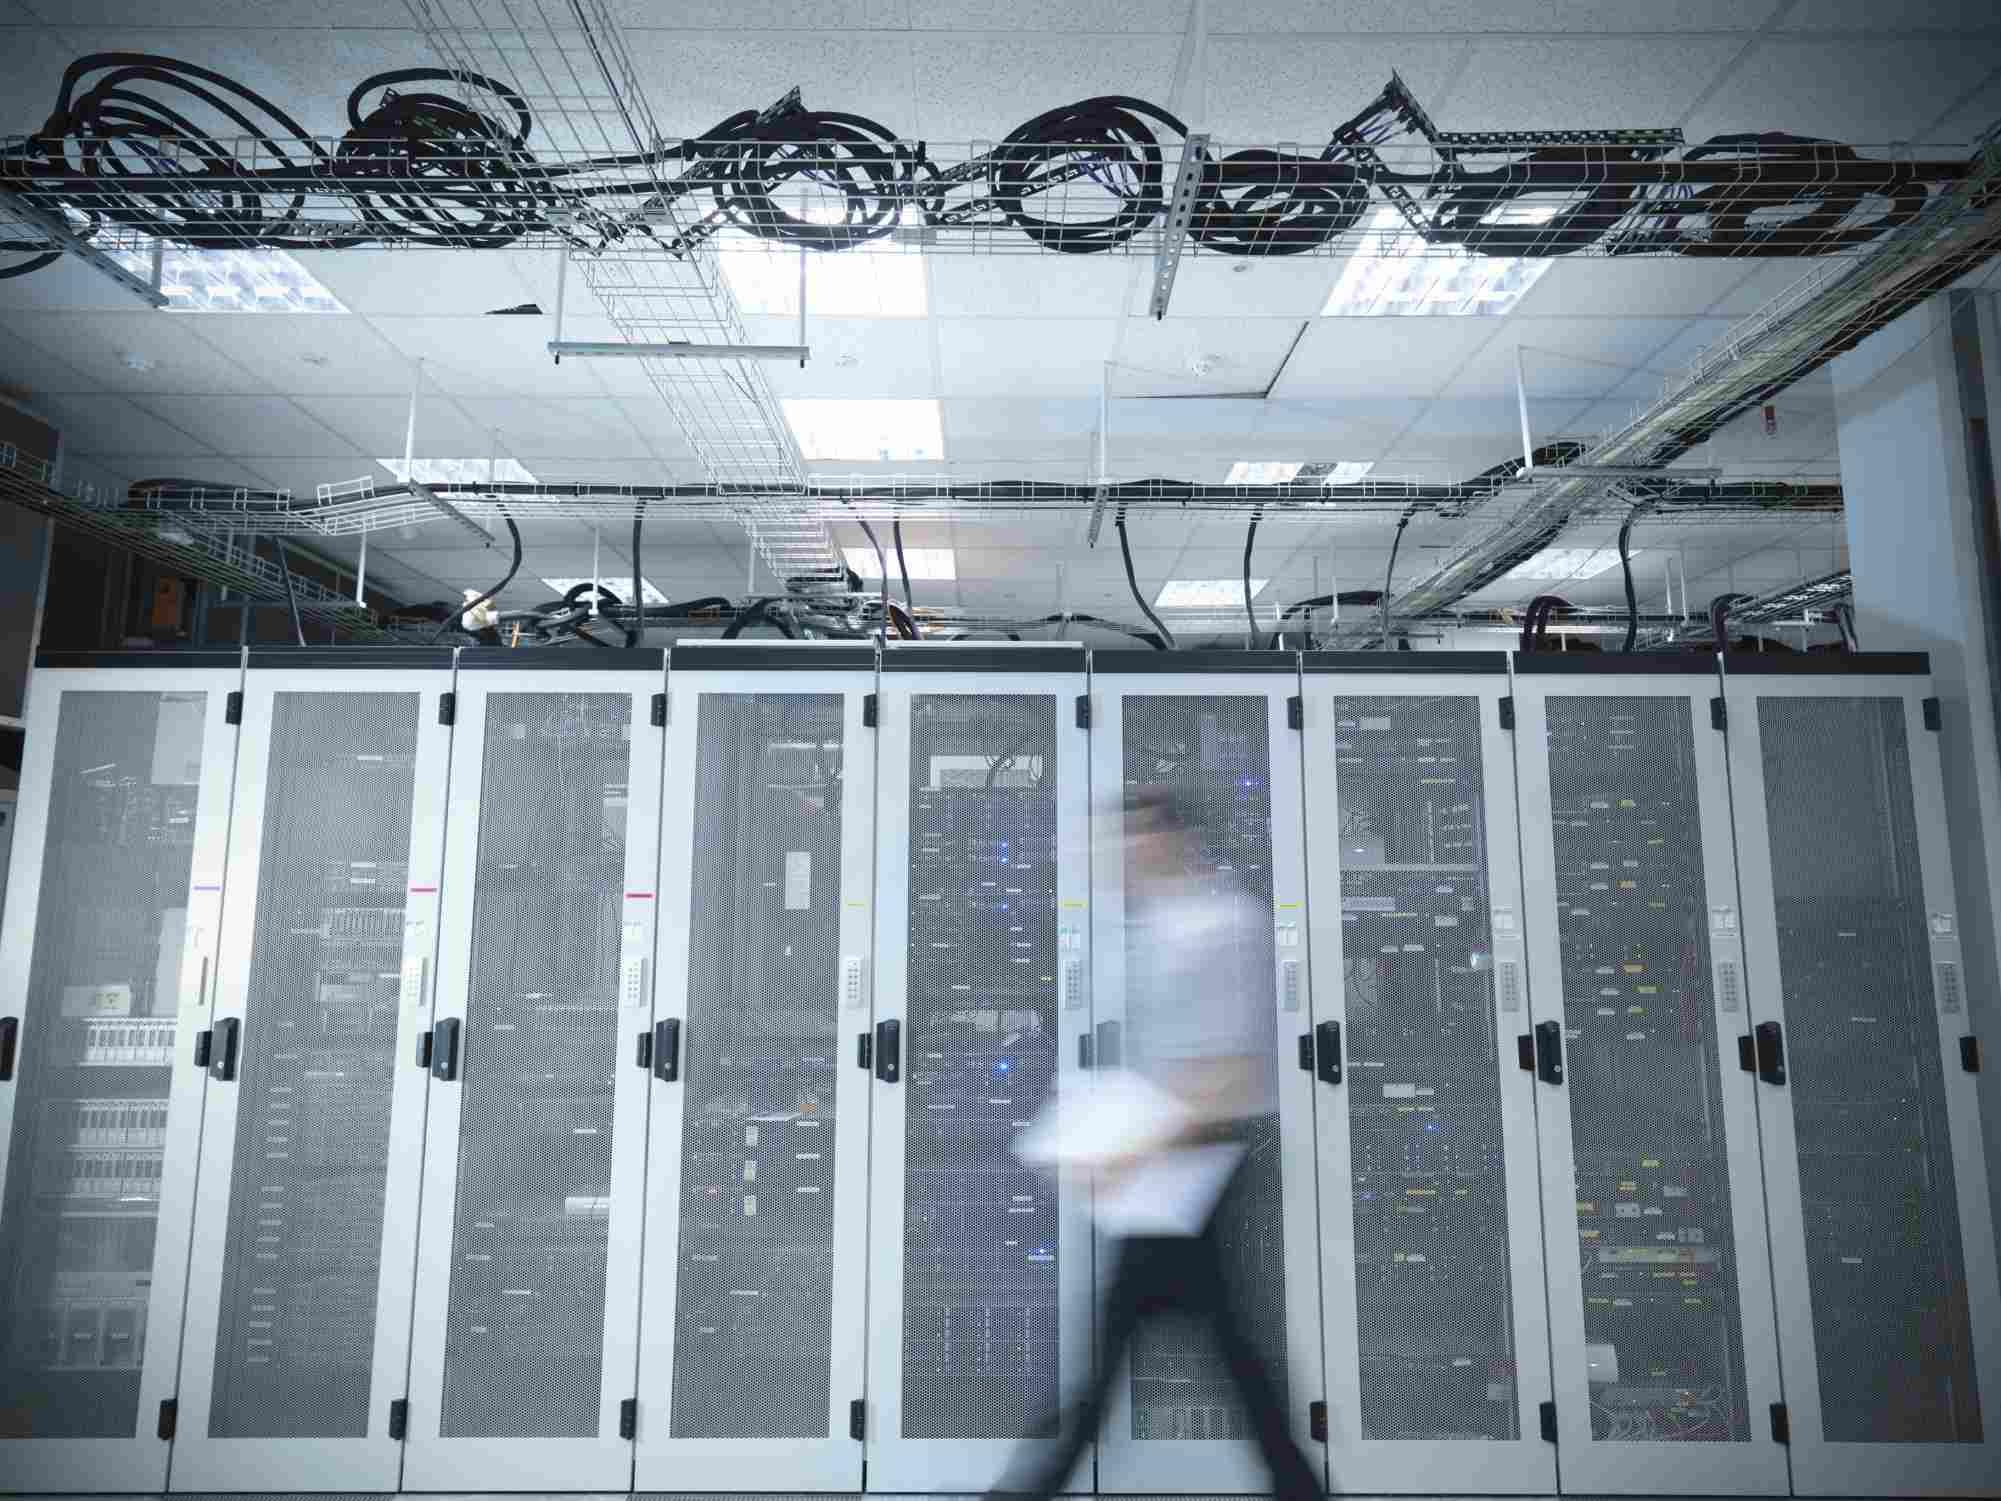 Server racks in a data center